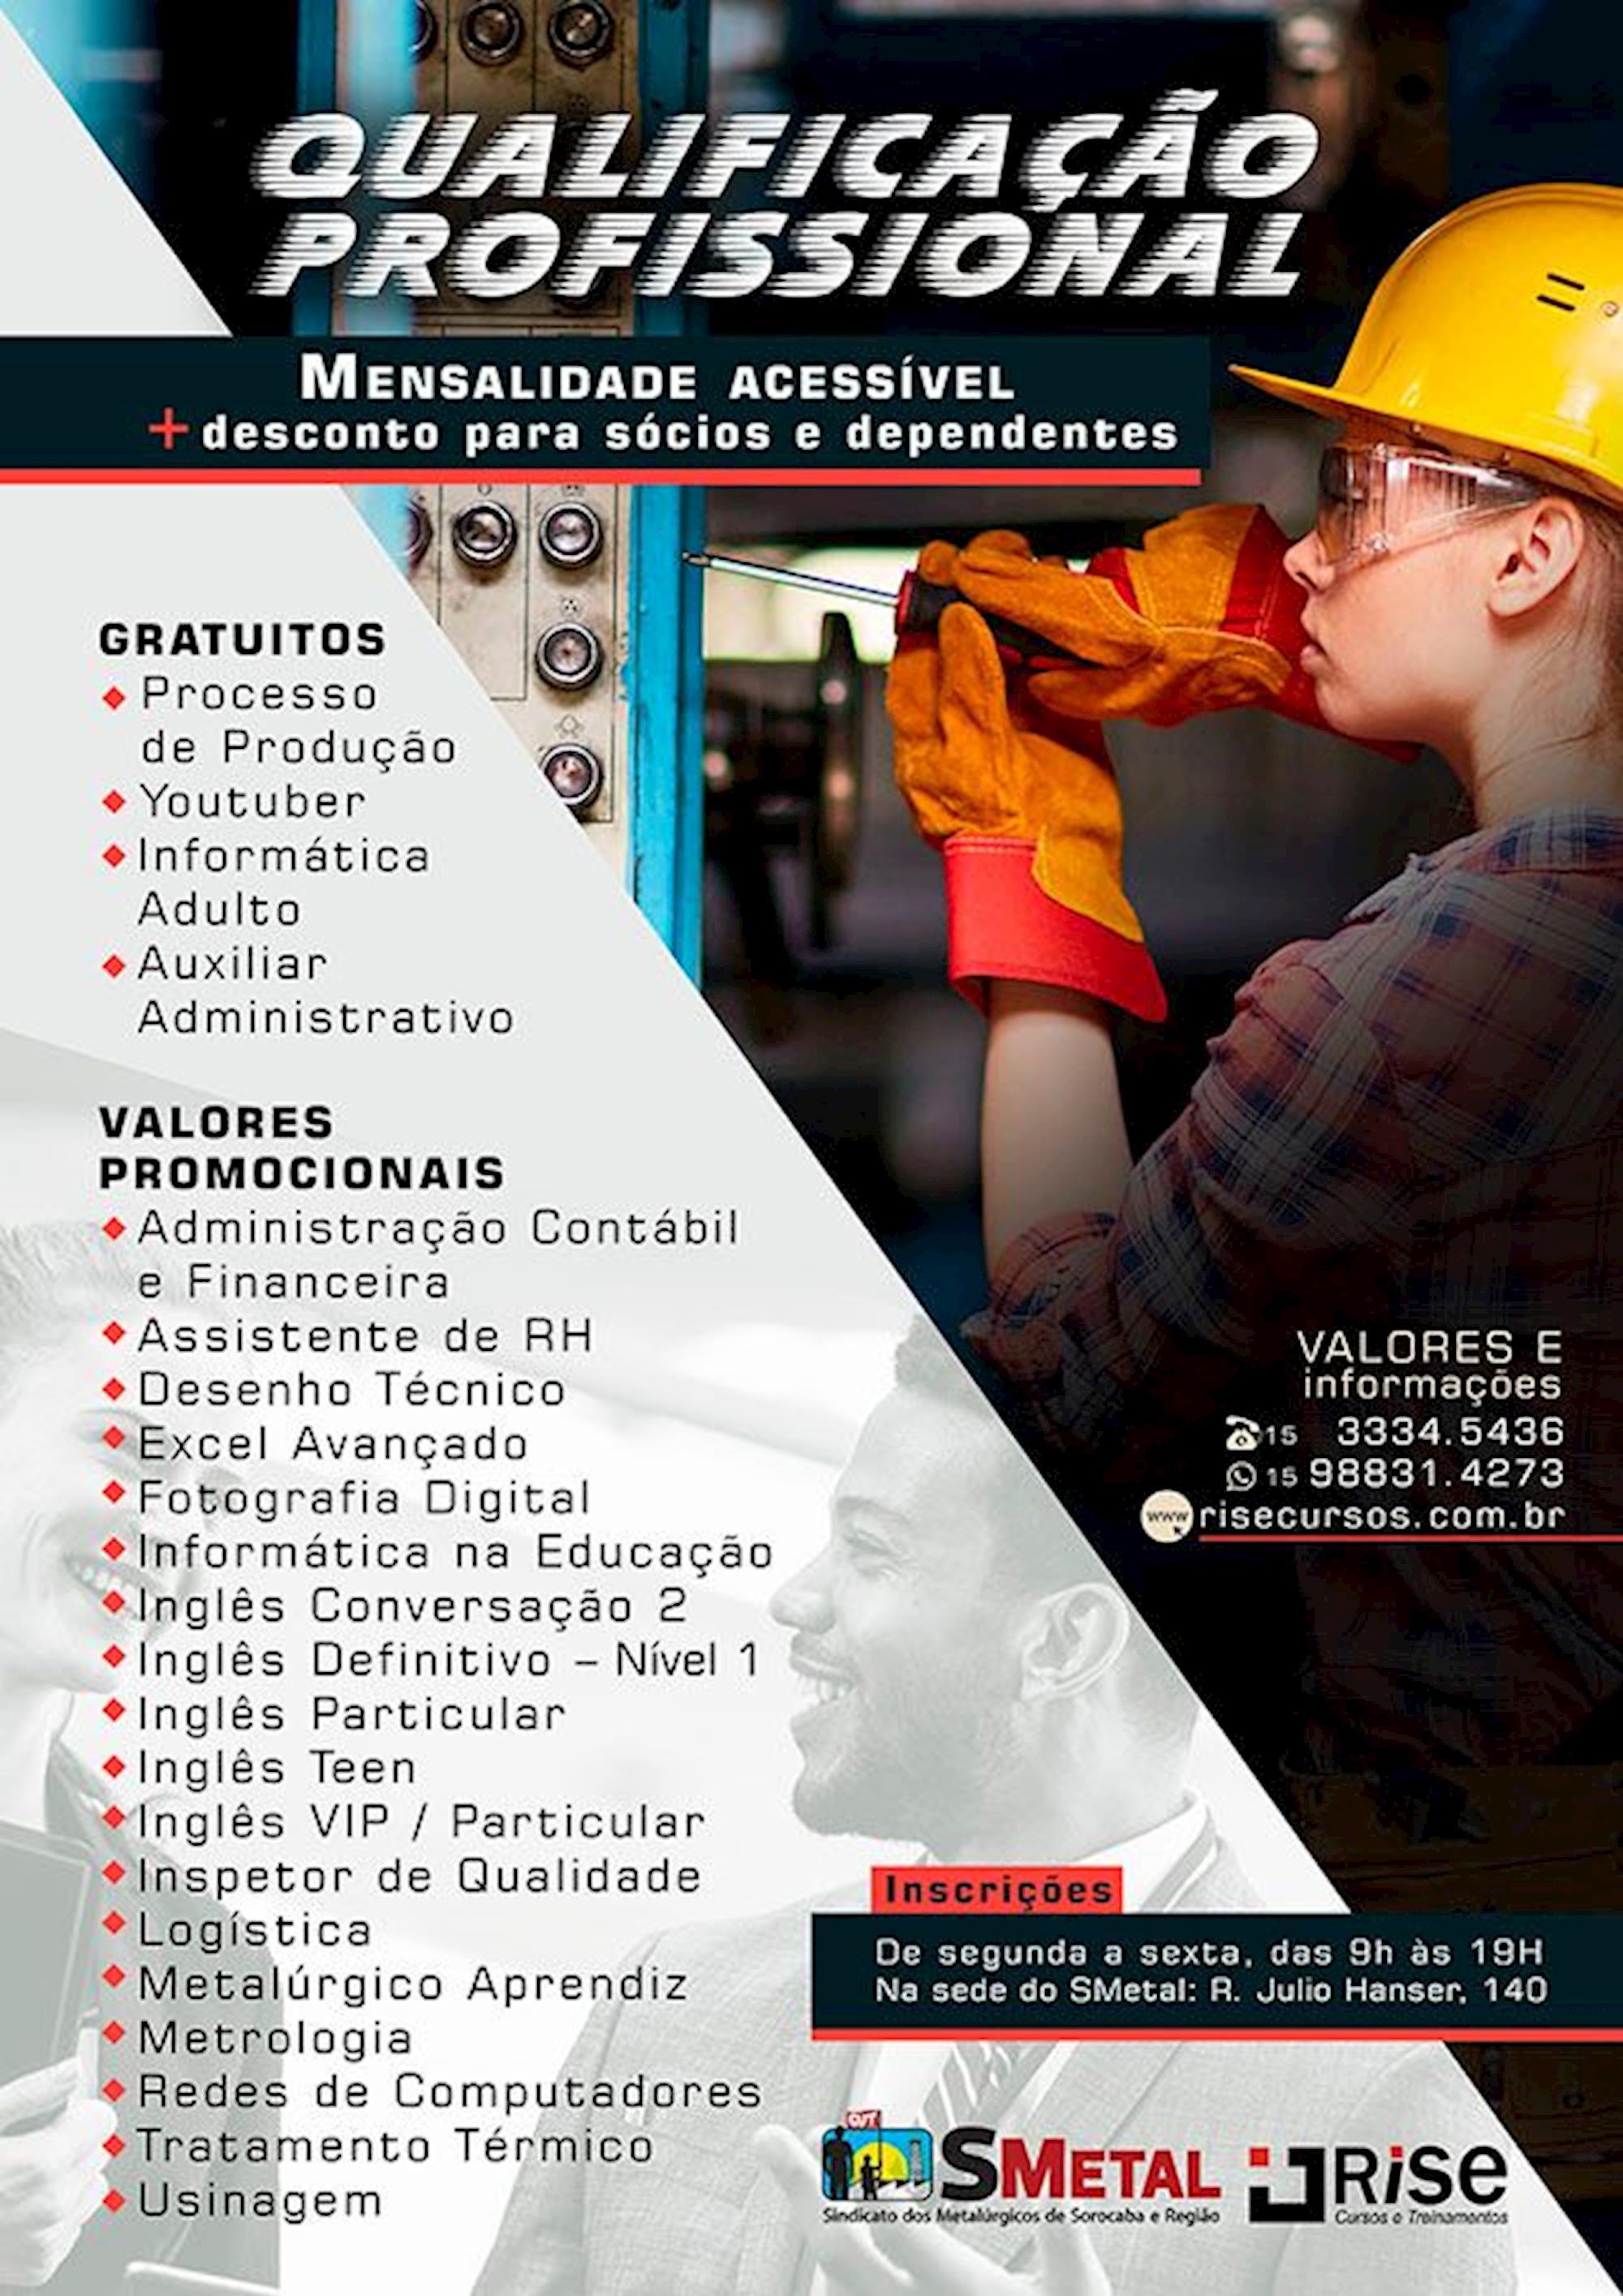 curso, qualificação, rise, Arte: Lucas Delgado